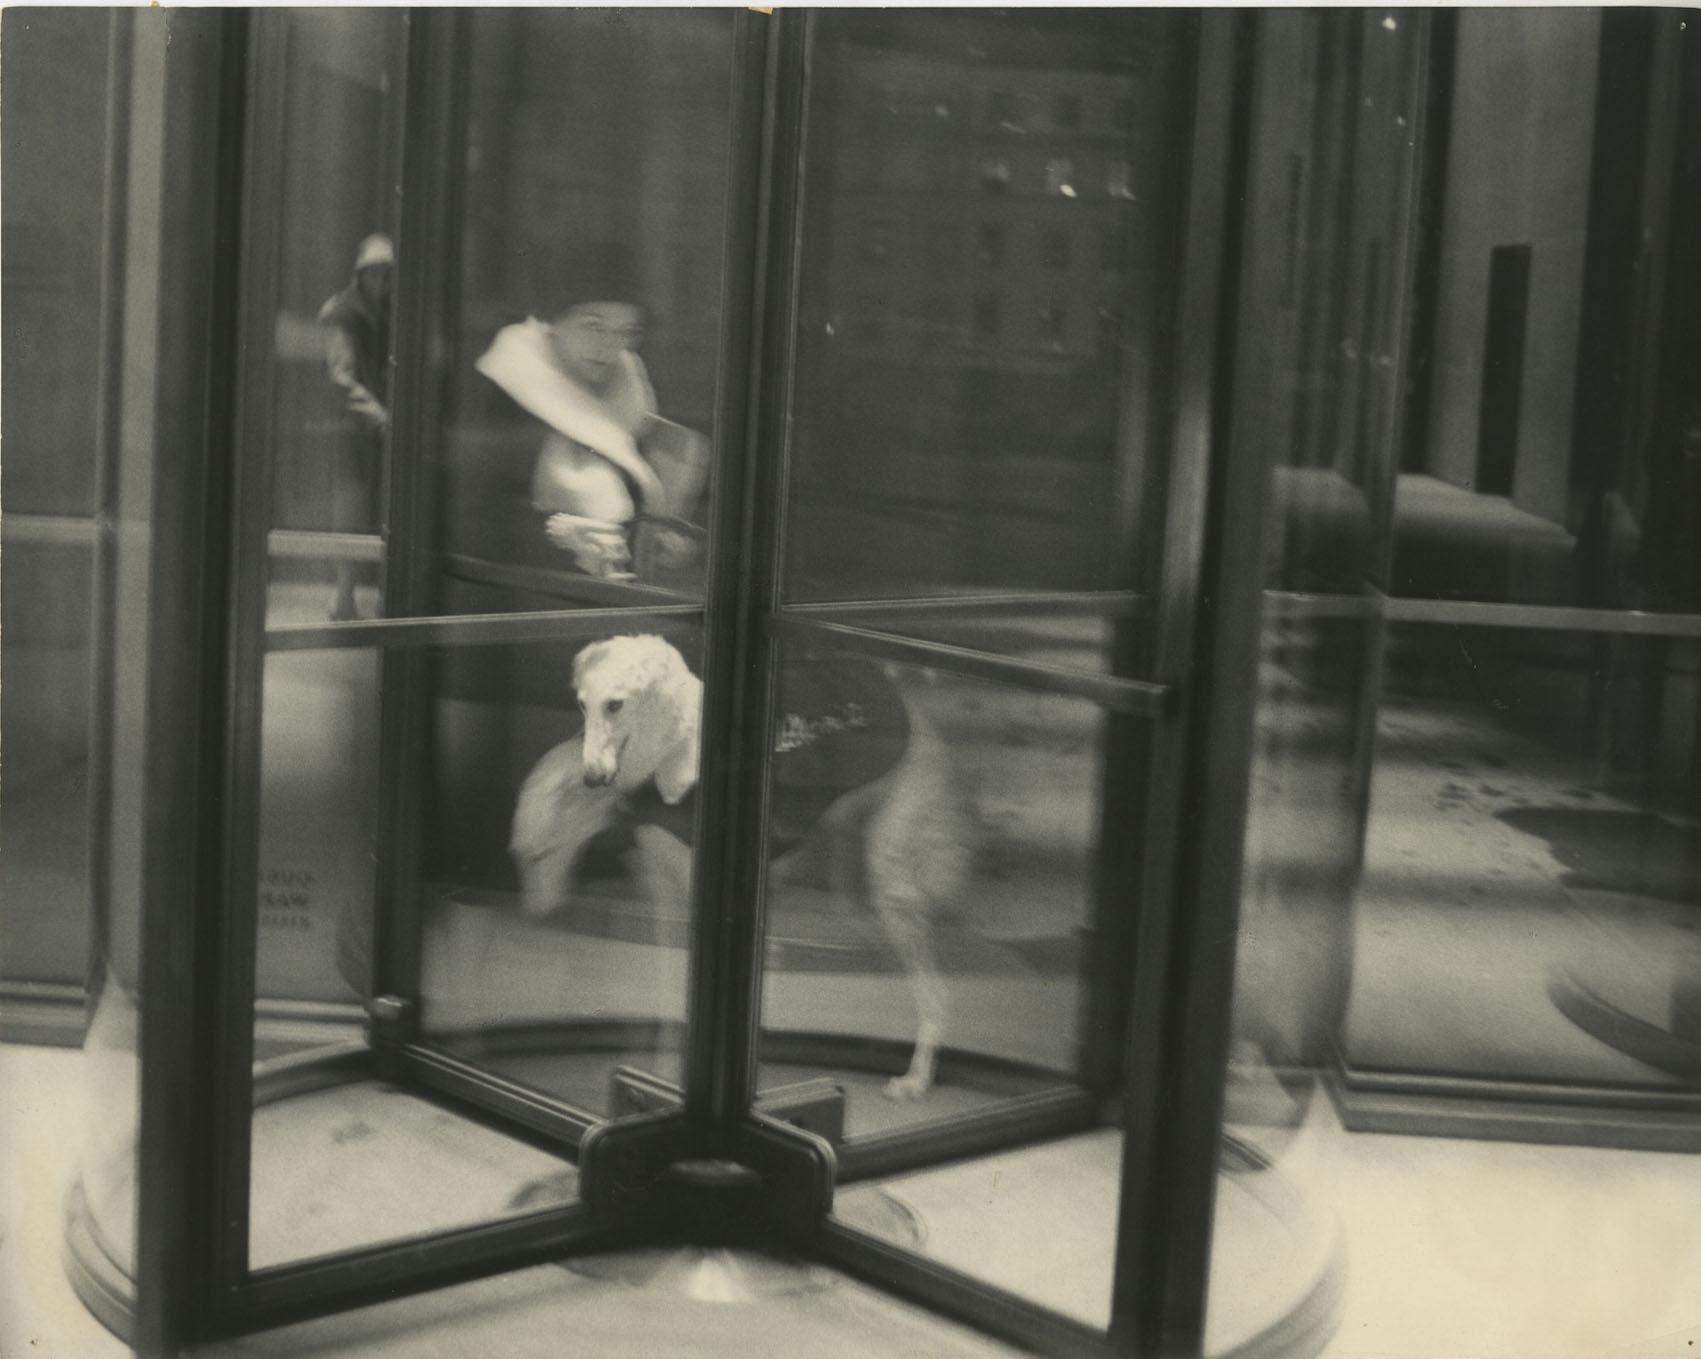 Vico Magistretti, Londra, 1958.